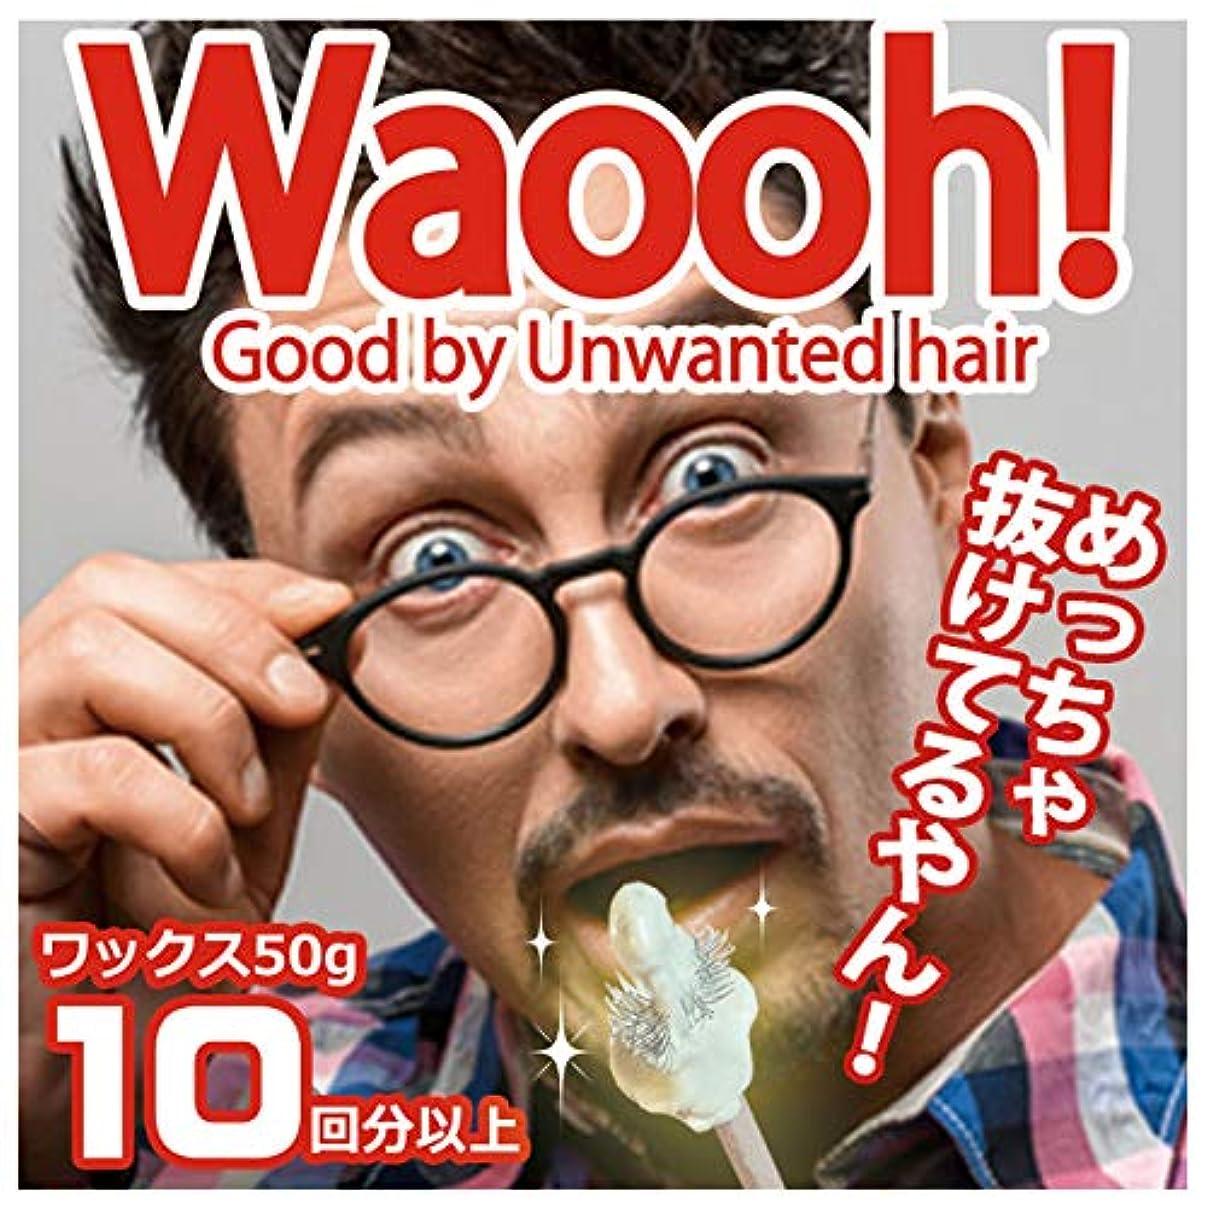 死傷者治す処方[Waooh]鼻毛 脱毛 ノーズワックス 鼻 ブラジリアン ワックス キット 男女兼用 (50g 10回分)